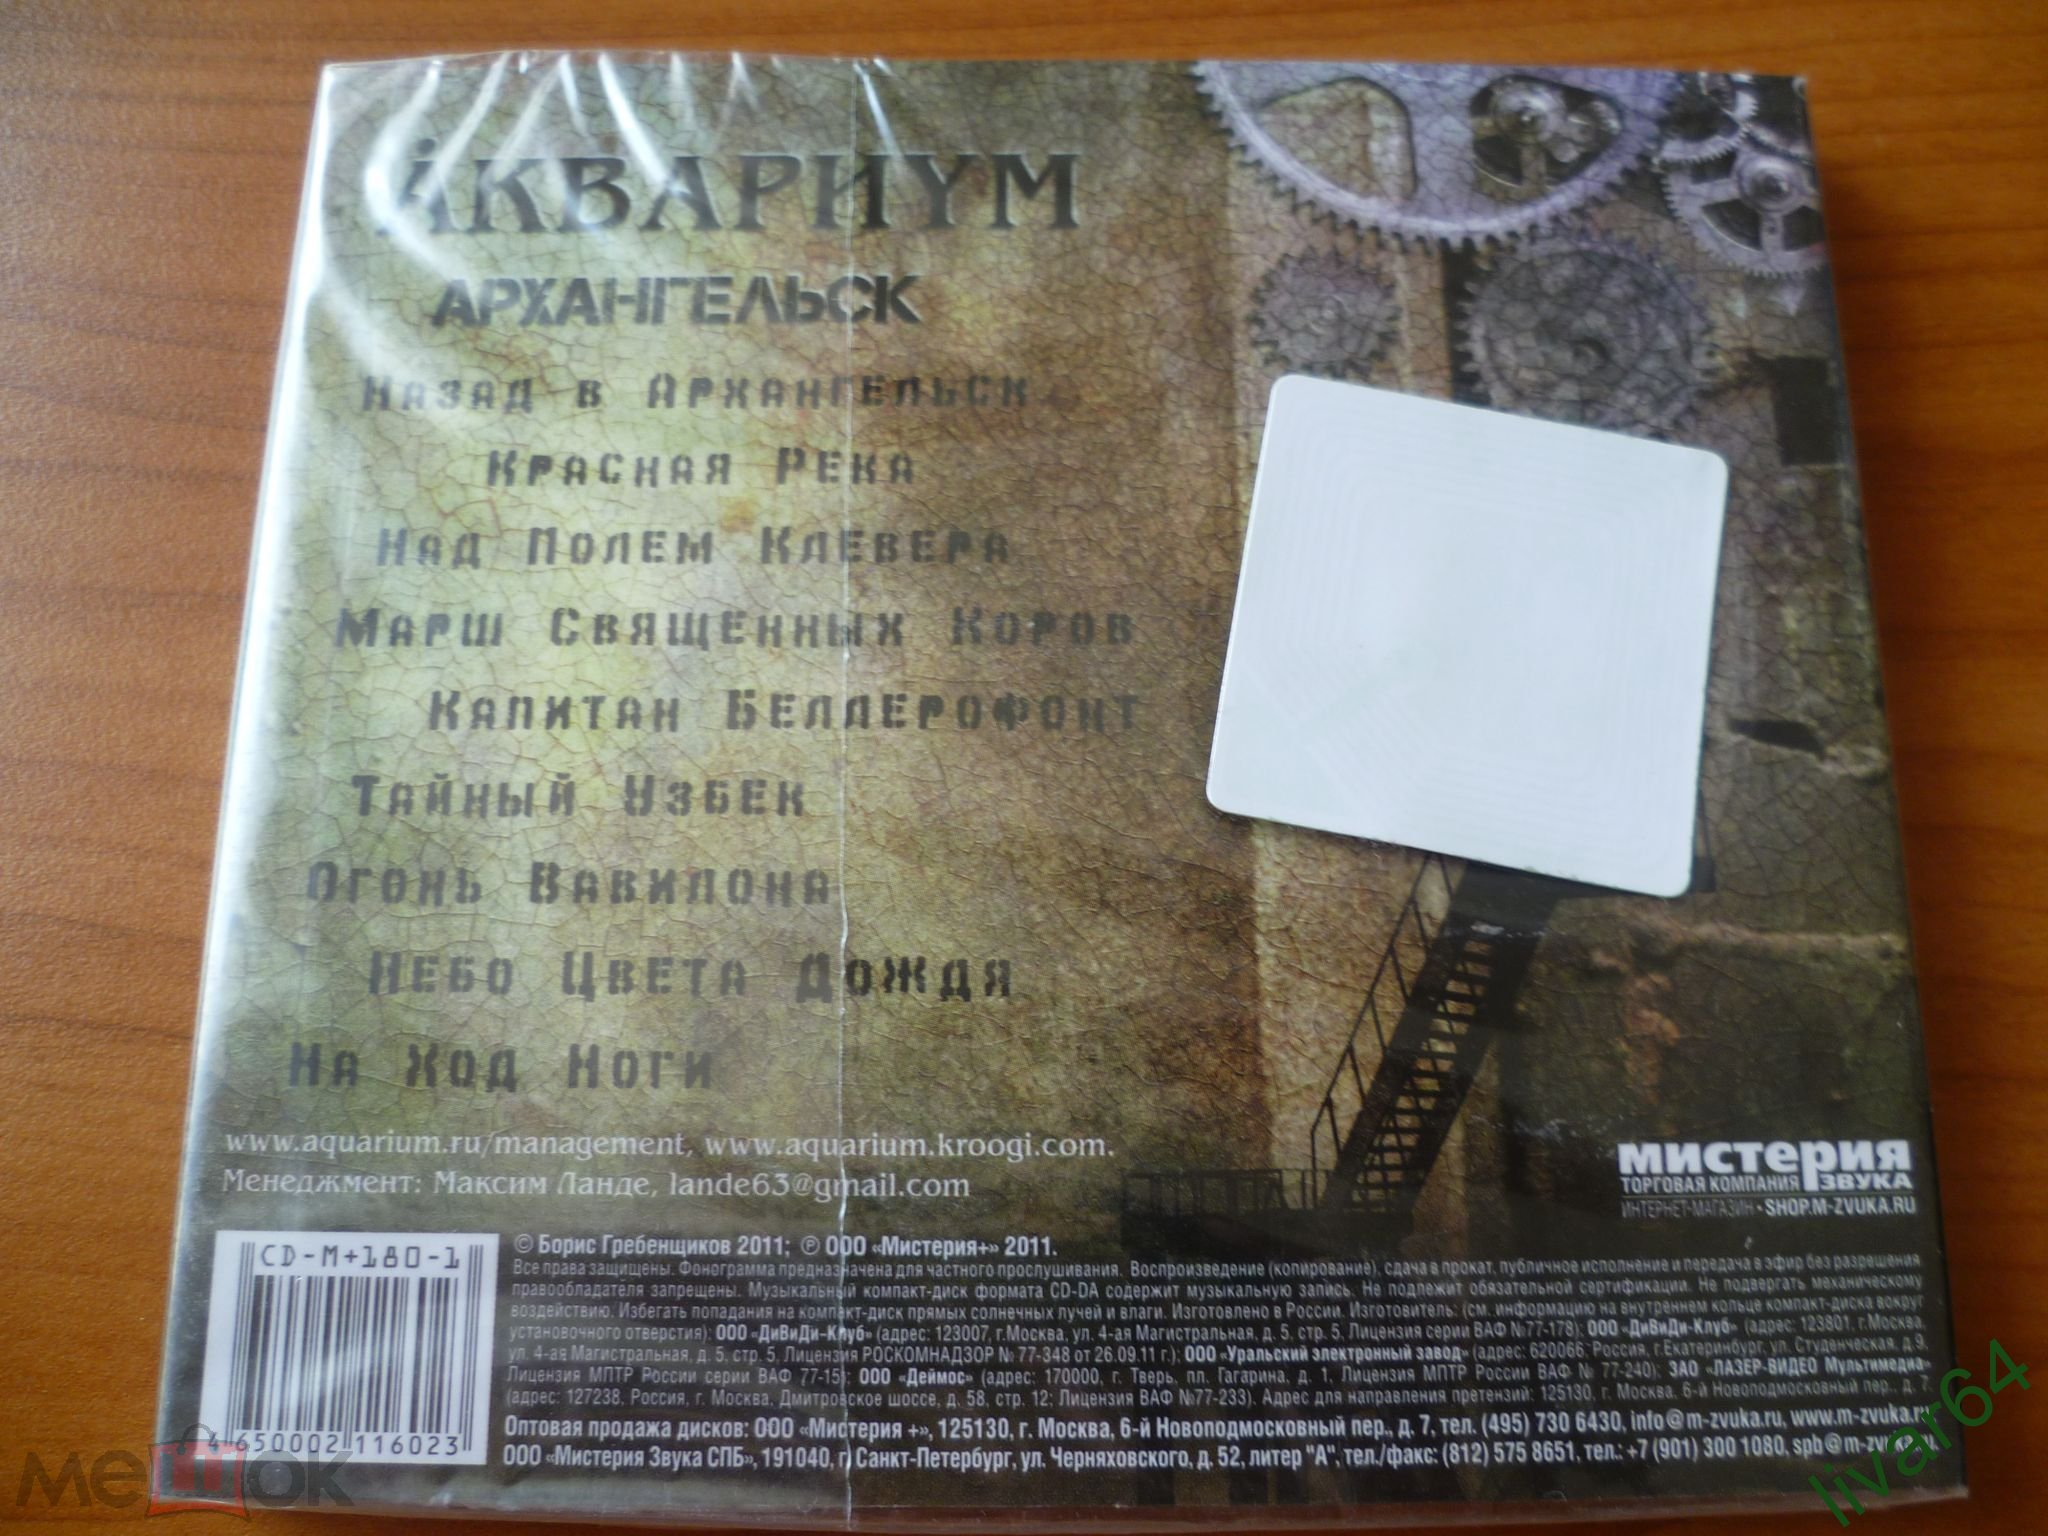 1d5978acdbd5 CD АКВАРИУМ - Архангельск, 2011 Мистерия+ , Диджипак